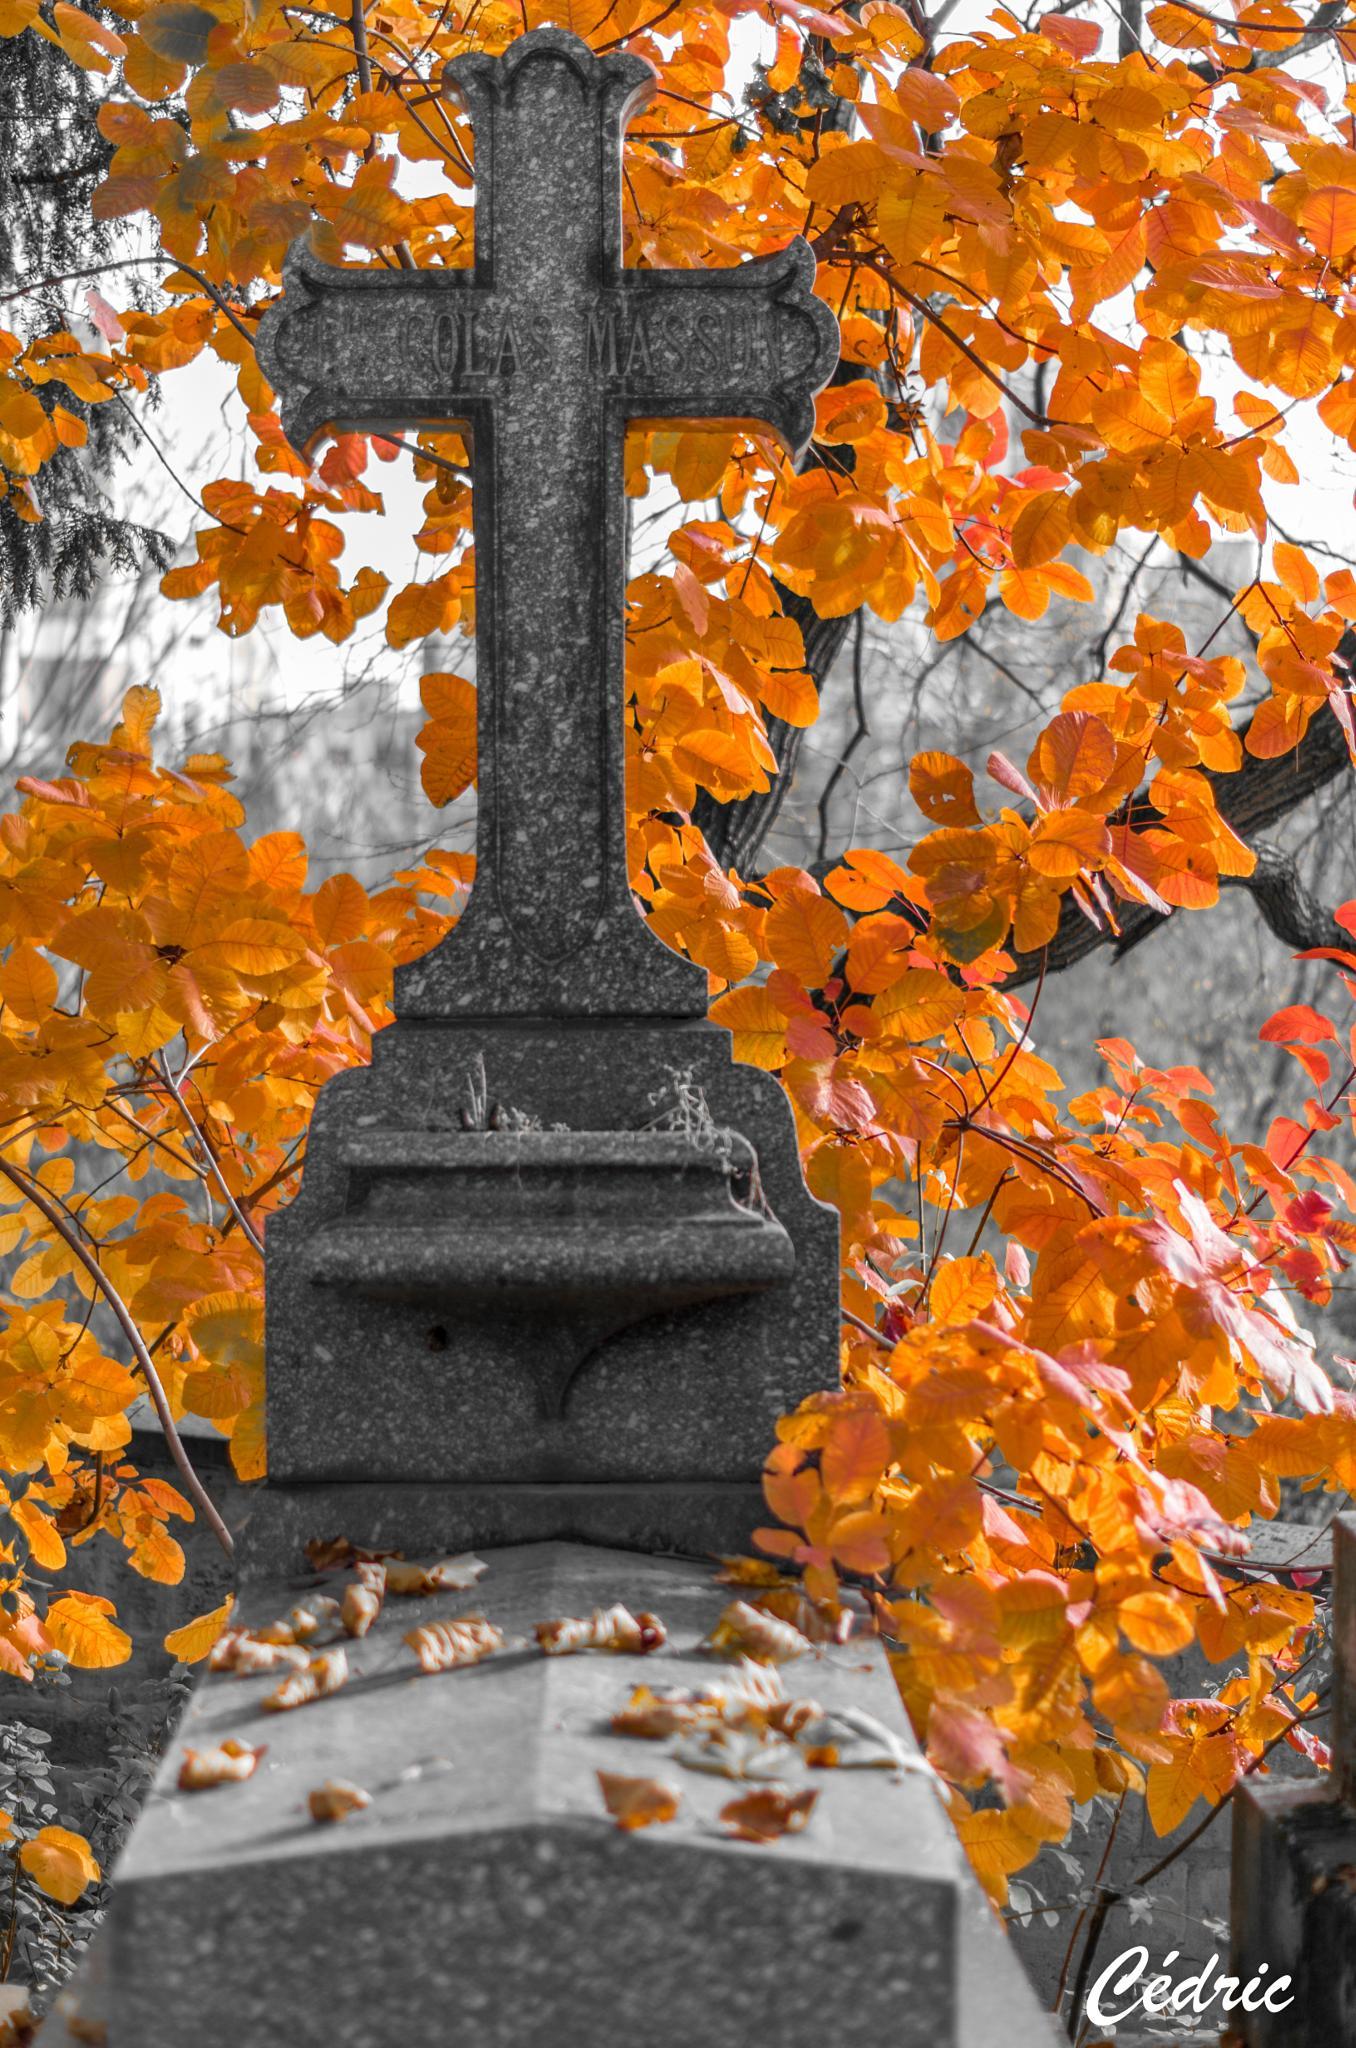 cimetiere pere lachaise automne, france, paris by cedricloy8